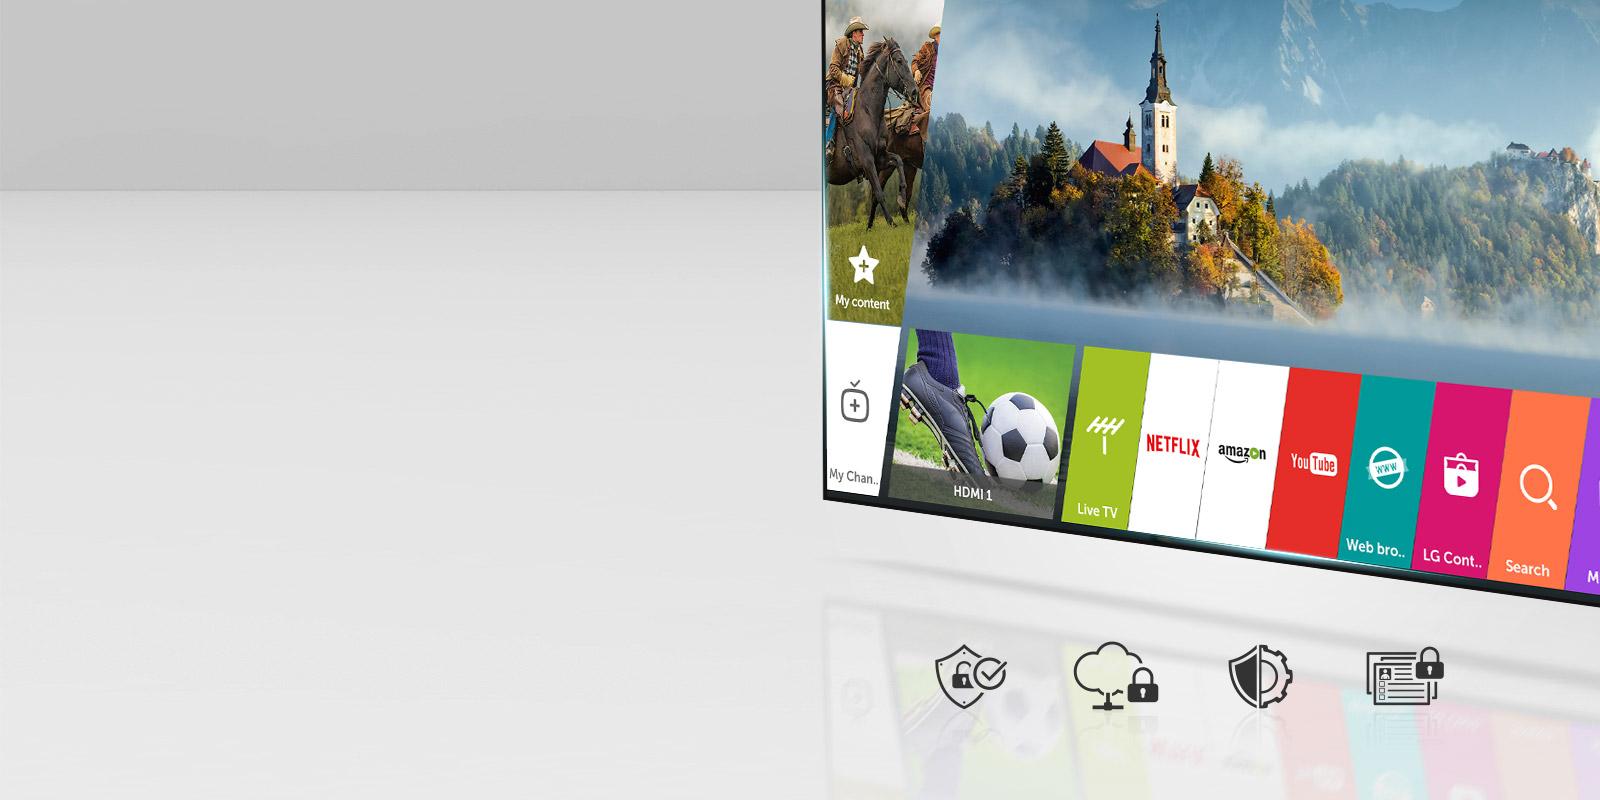 مشخصات تلویزیون 65 اینچ ال جی مدل OLED65B7D